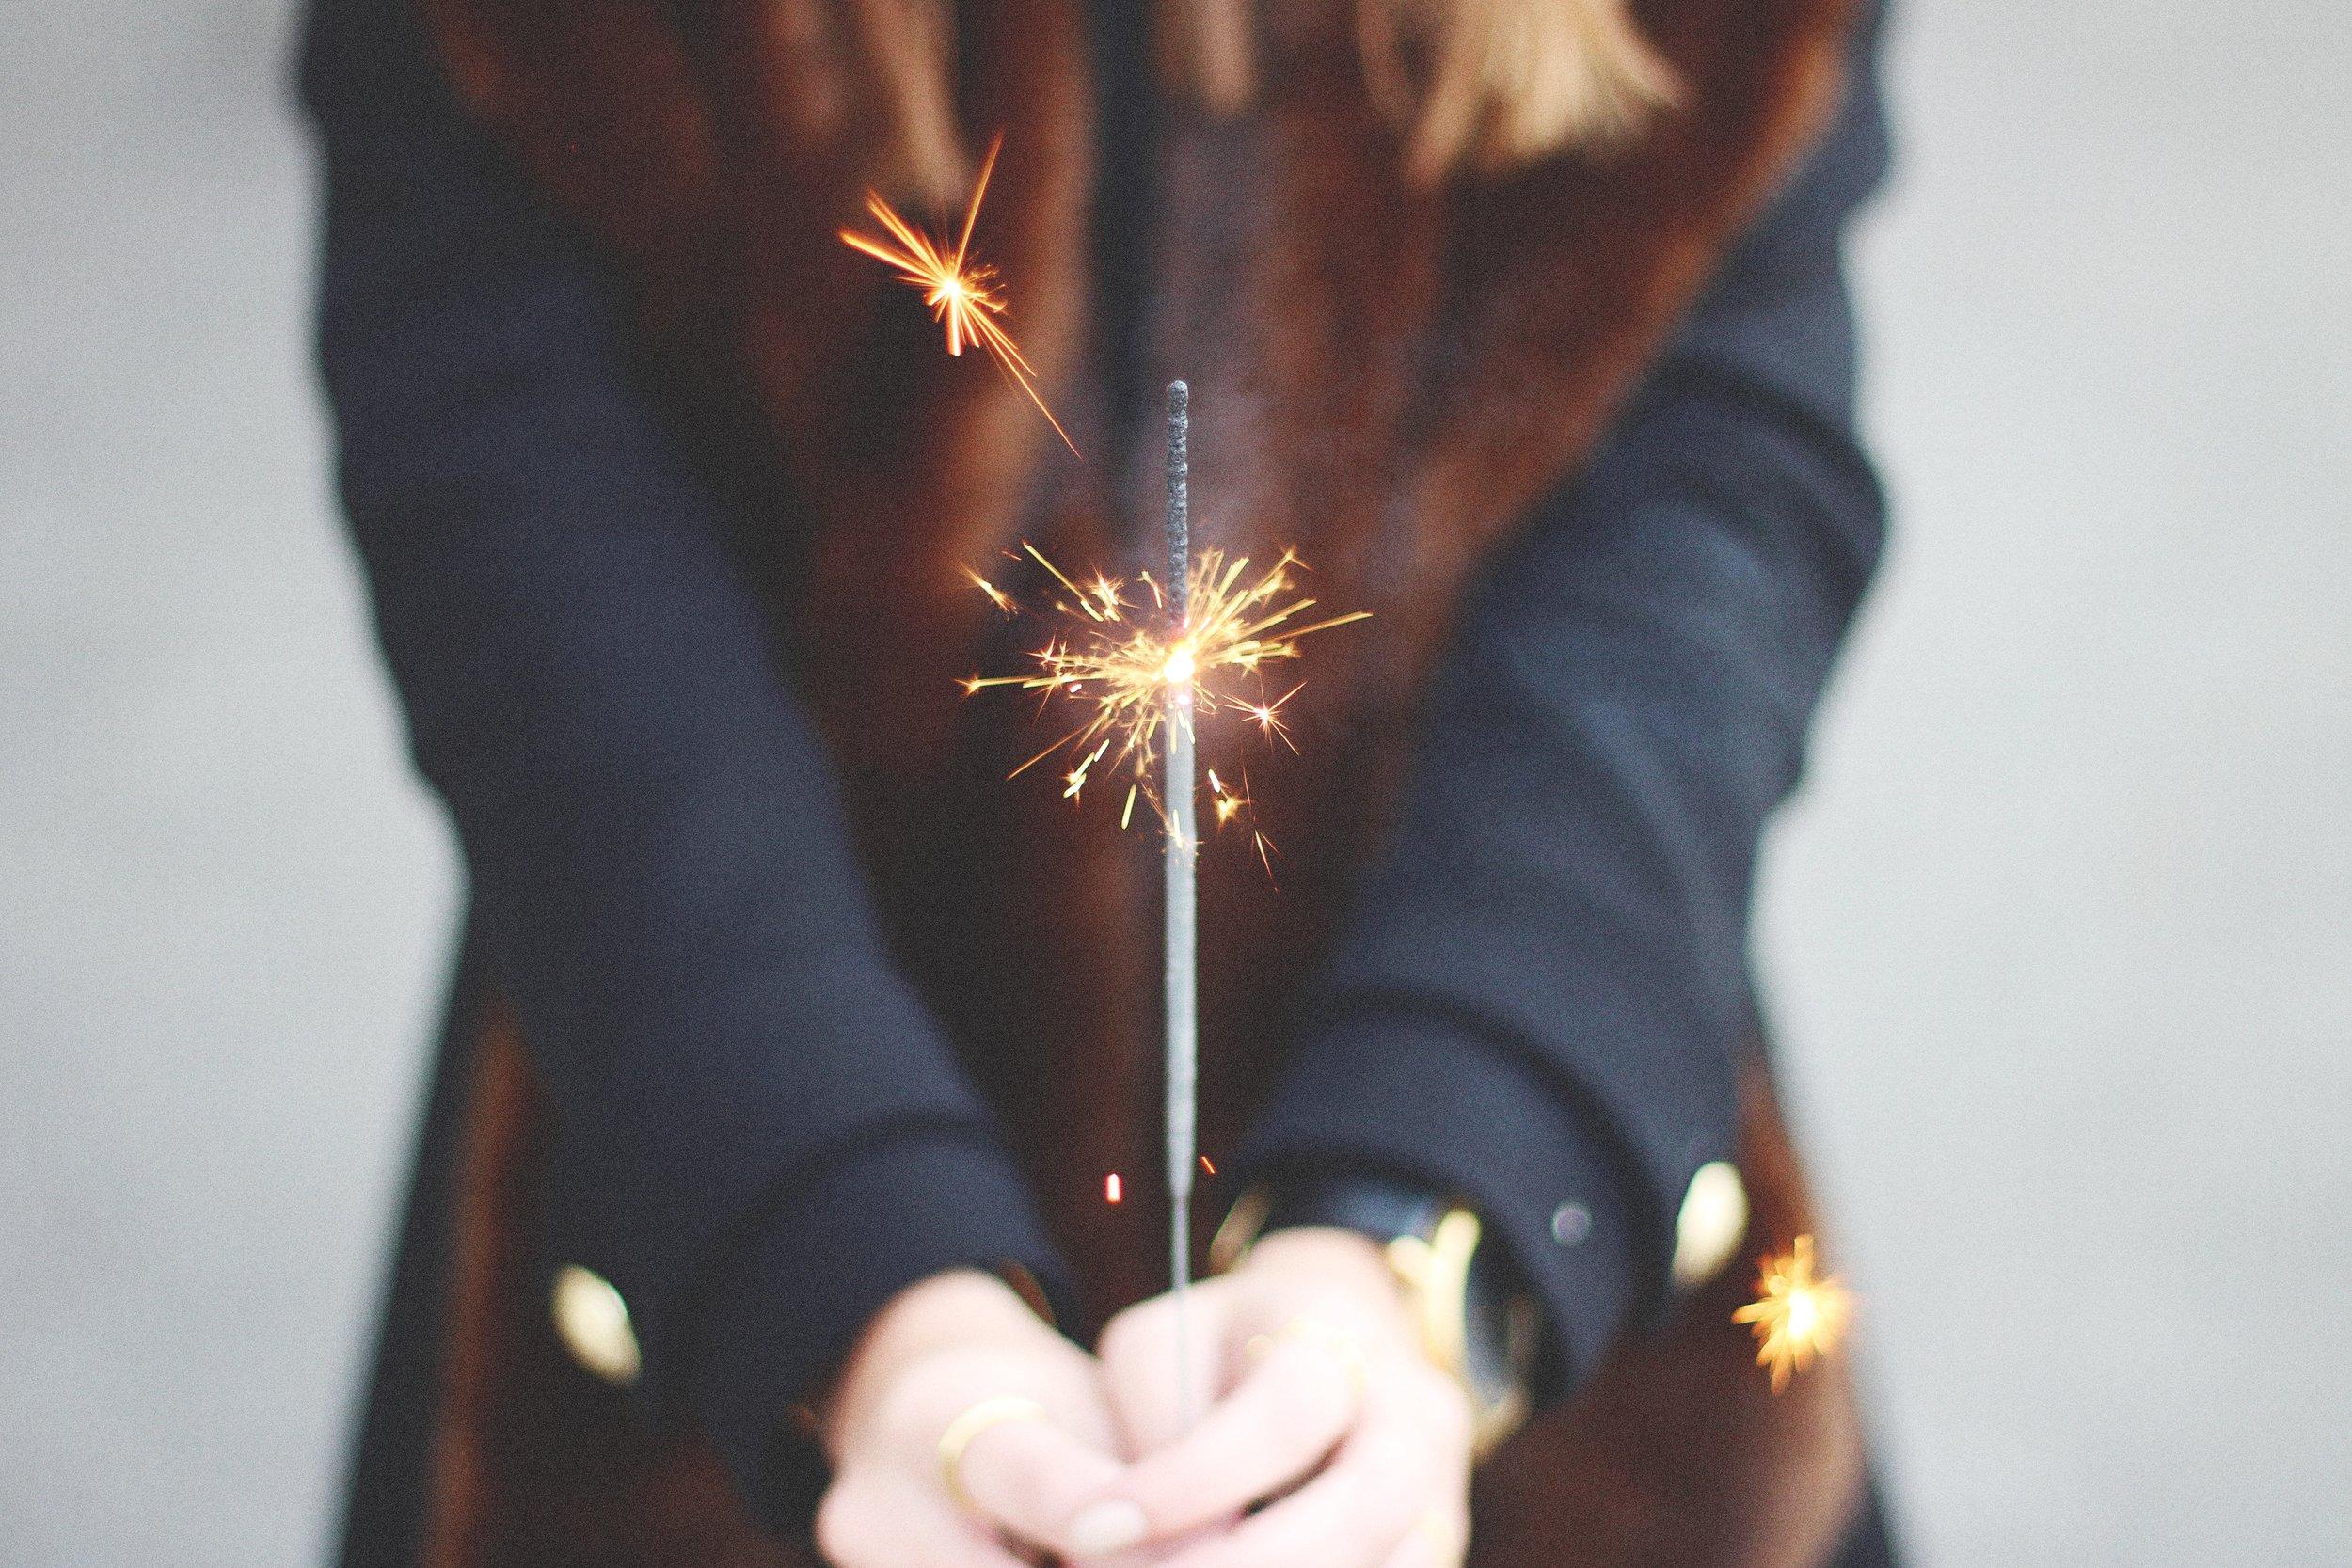 jorige-kuzmaite girl holding sparkler in front.jpg